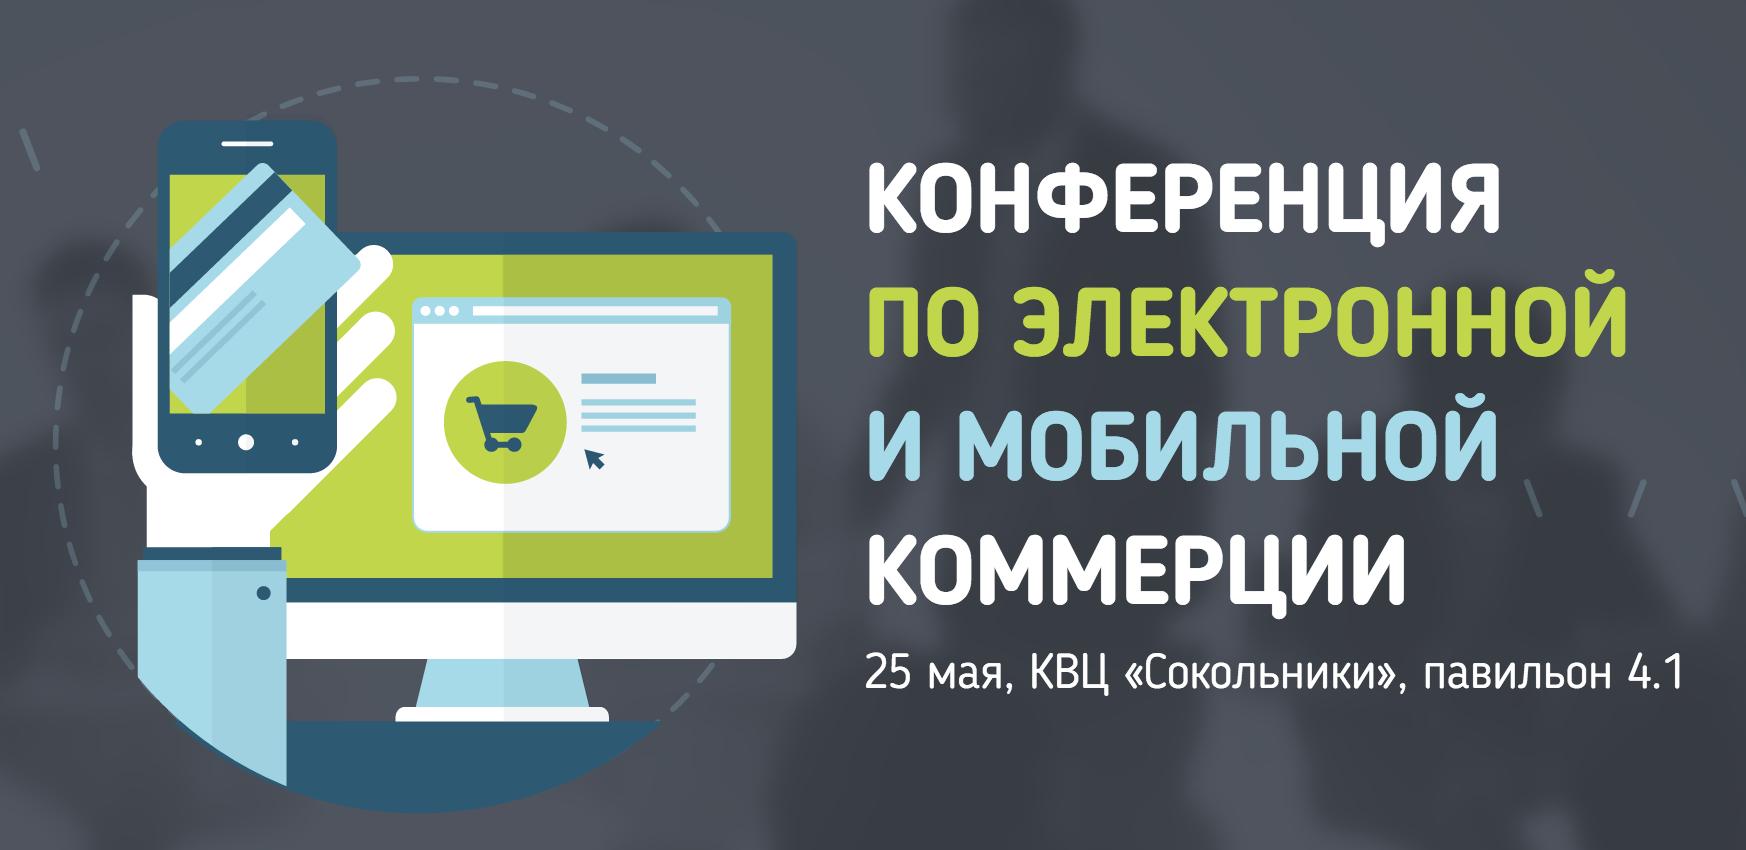 E-M Commerce Day — продуктовая конференция по электронной и мобильной коммерции - 1